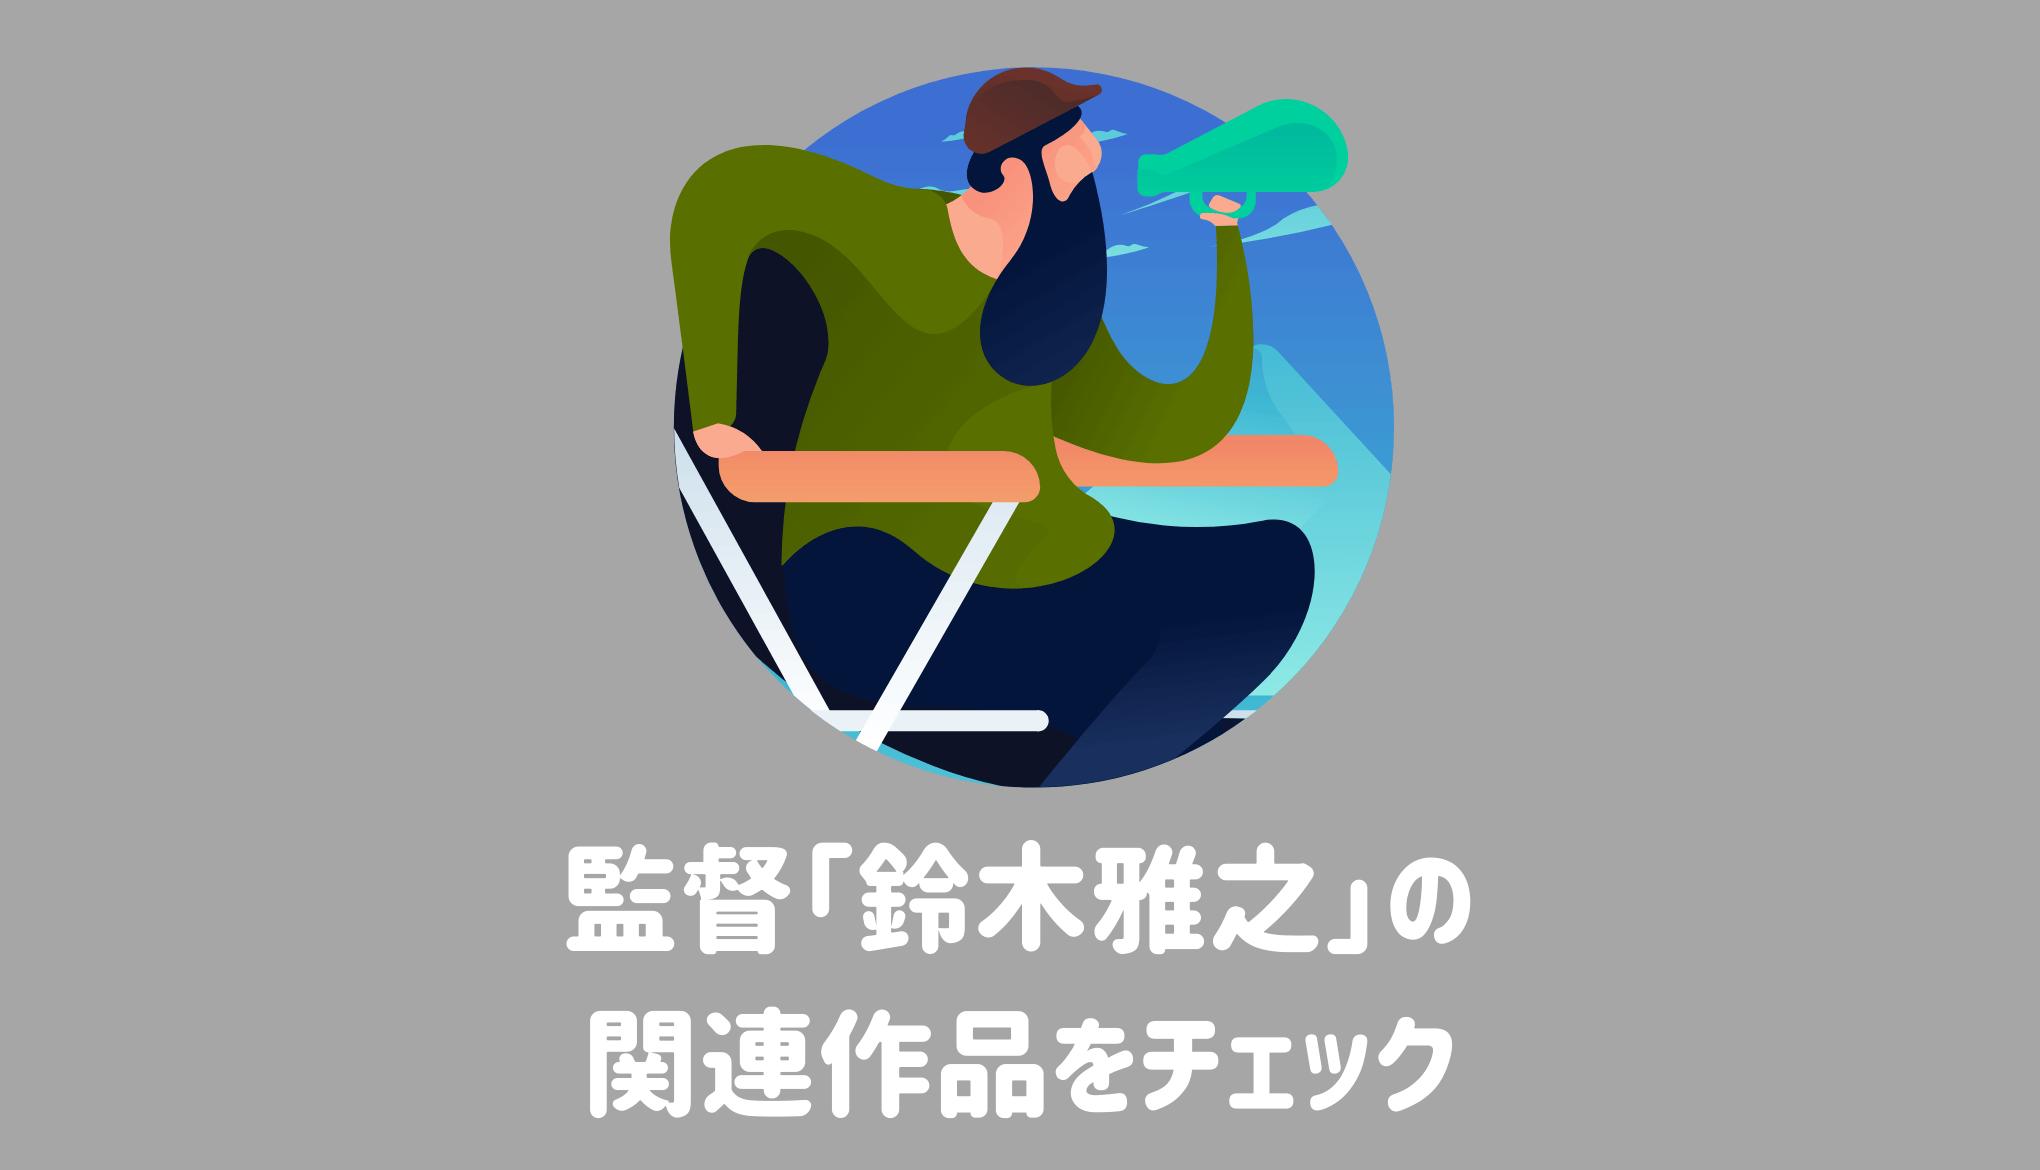 鈴木雅之監督の関連作品をチェック